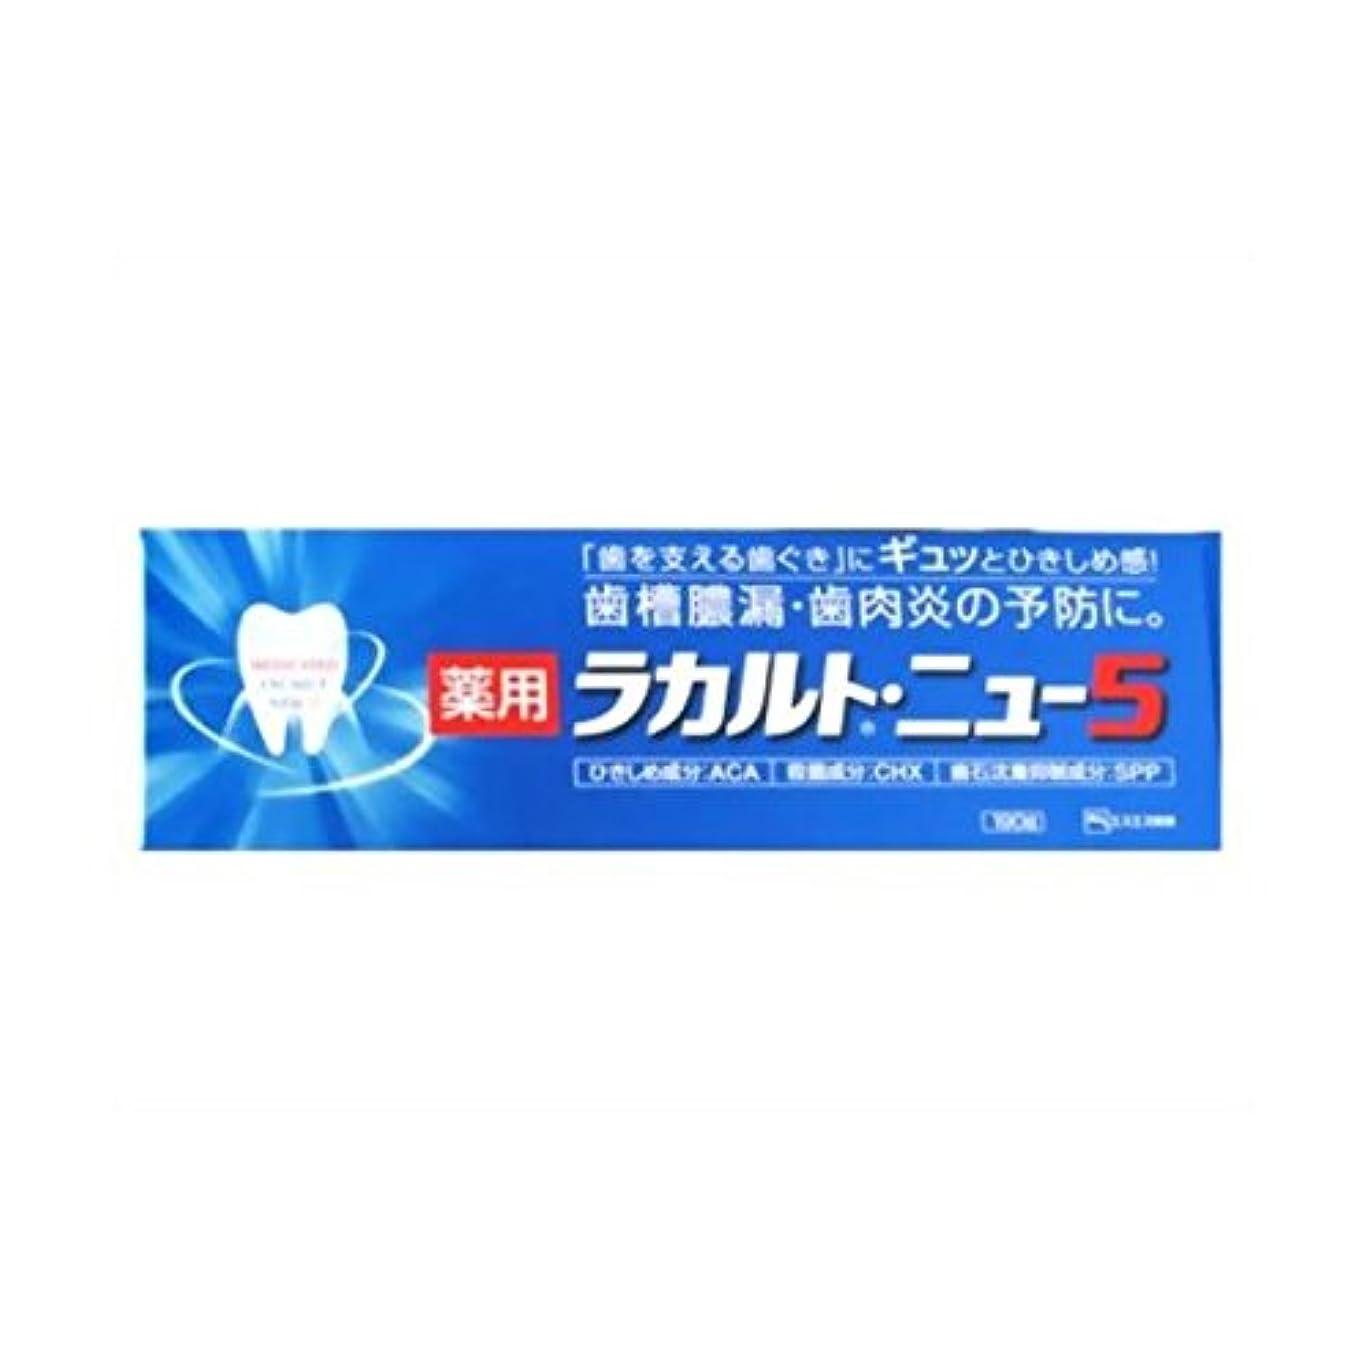 いま三番相関する【お徳用 3 セット】 薬用ラカルトニュー5 190g×3セット